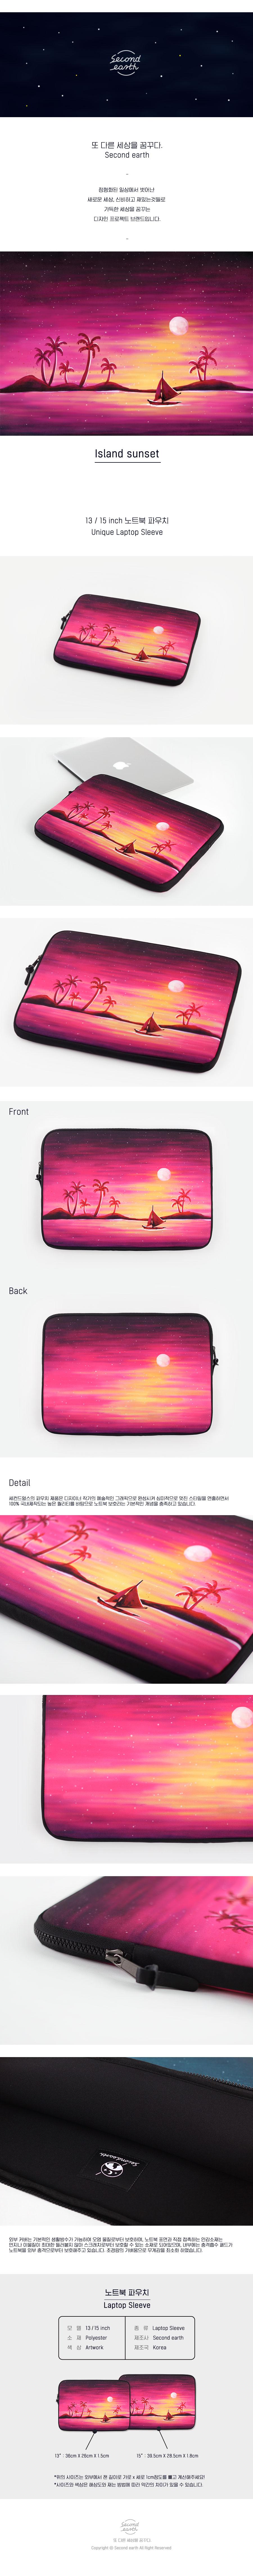 Island sunset (14-15형)_노트북파우치 - 세컨드얼스, 26,100원, 노트북 케이스/파우치, 35.56cm~39.62cm